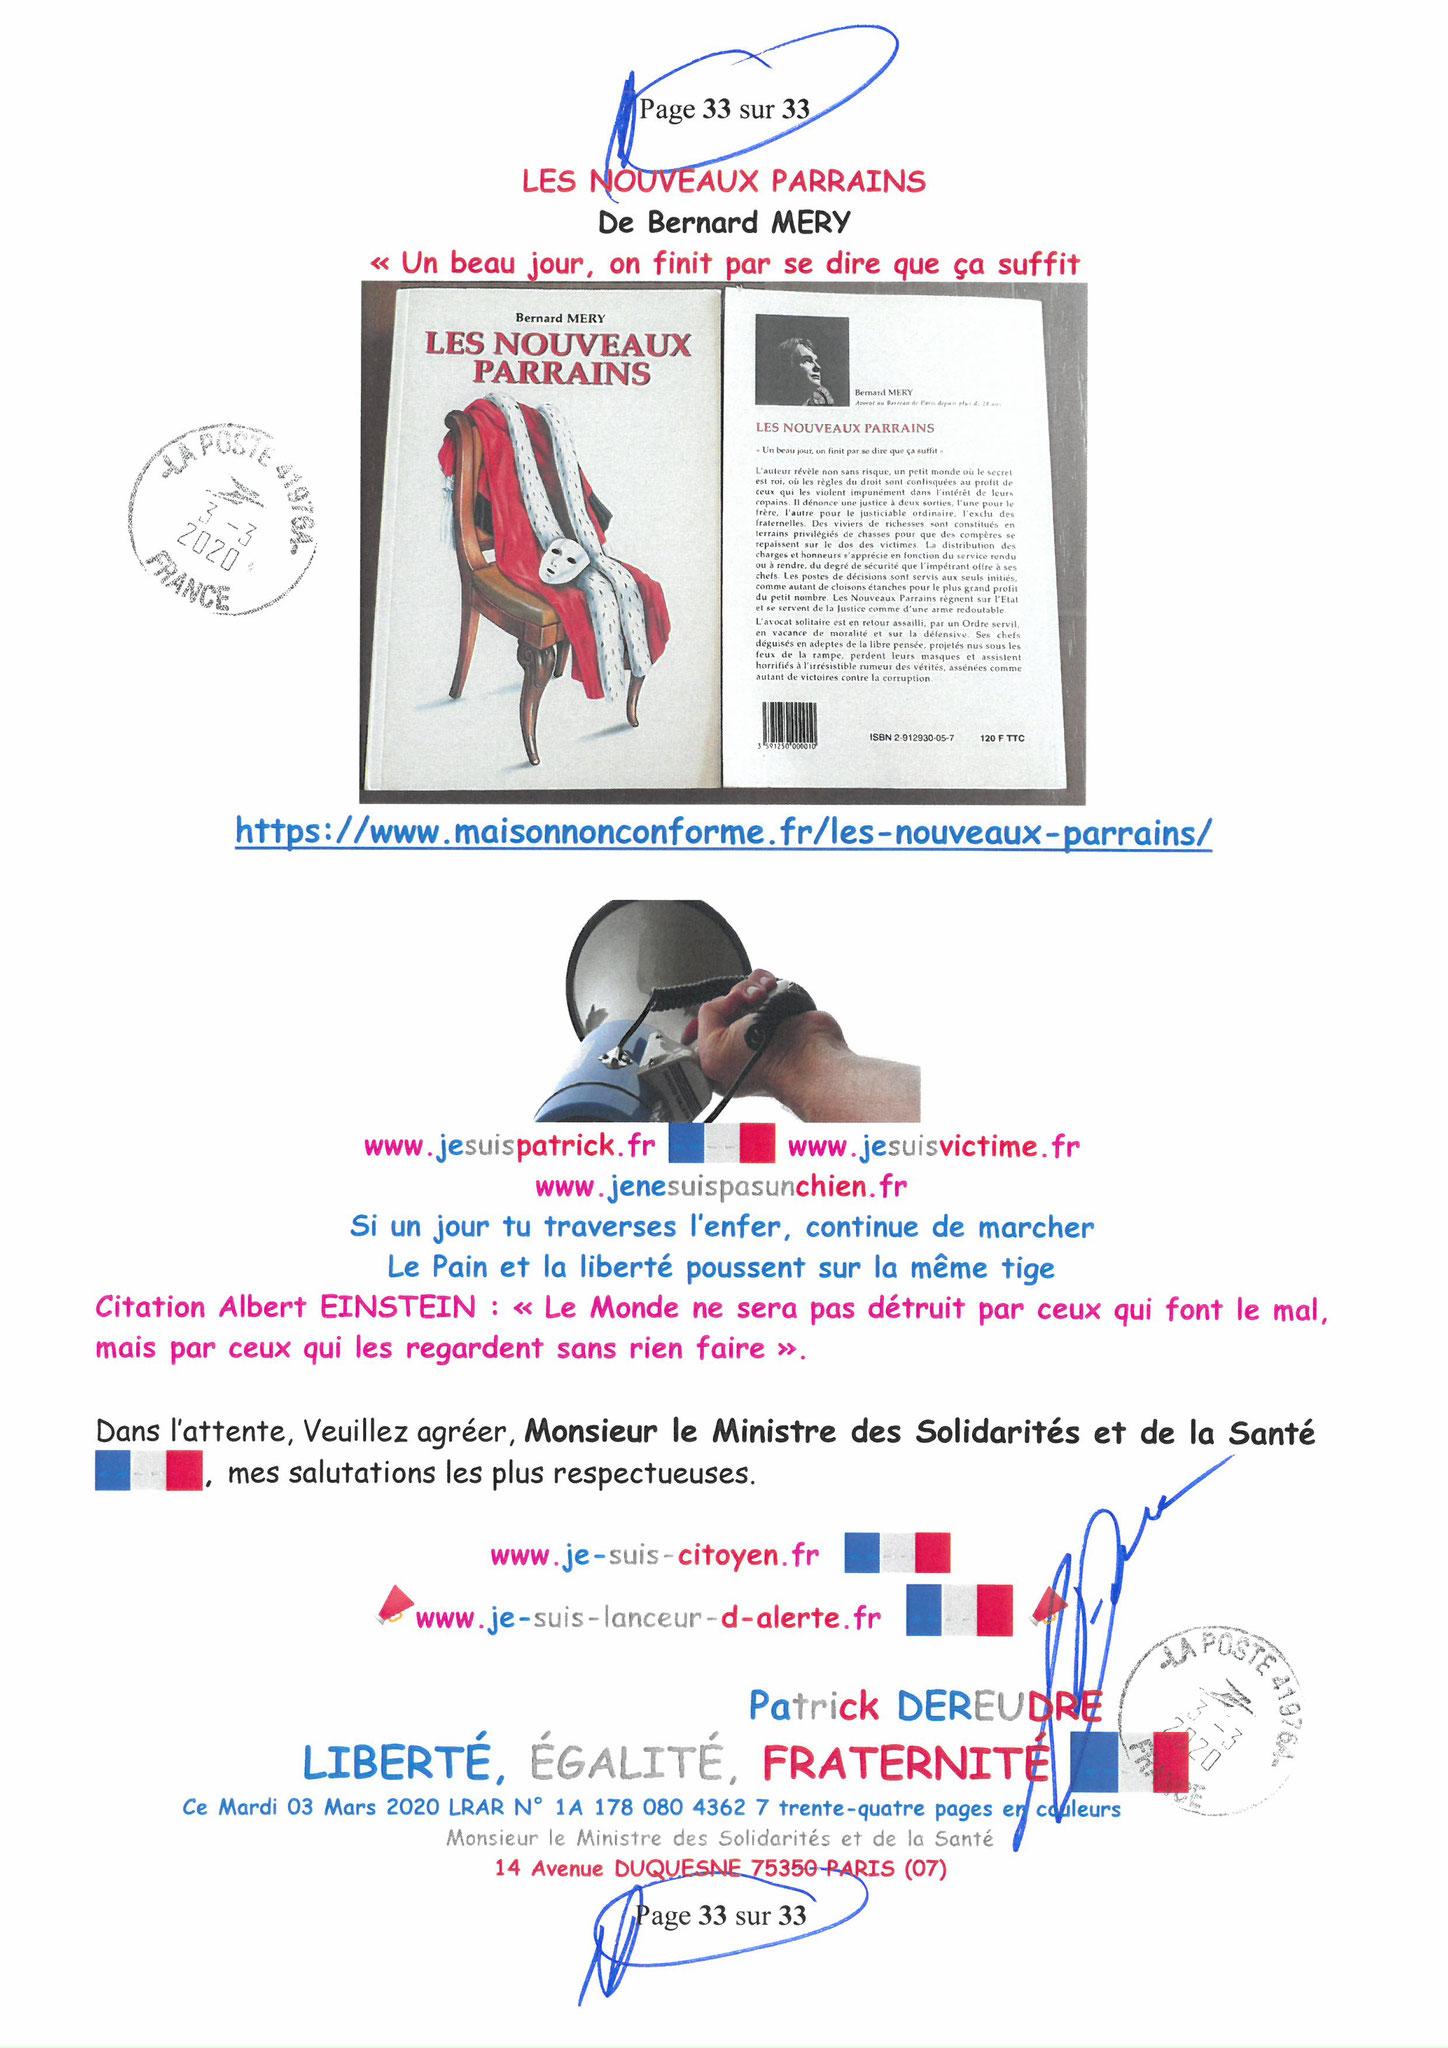 Page 33 sur 33 Ma lettre recommandée N0 1A 178 080 4362 7 du 03 Mars 2020 à Monsieur Olivier VERAN le Ministre de la Santé et des Solidarités www.jesuispatrick.fr www.jesuisvictime.fr www.alerte-rouge-france.fr